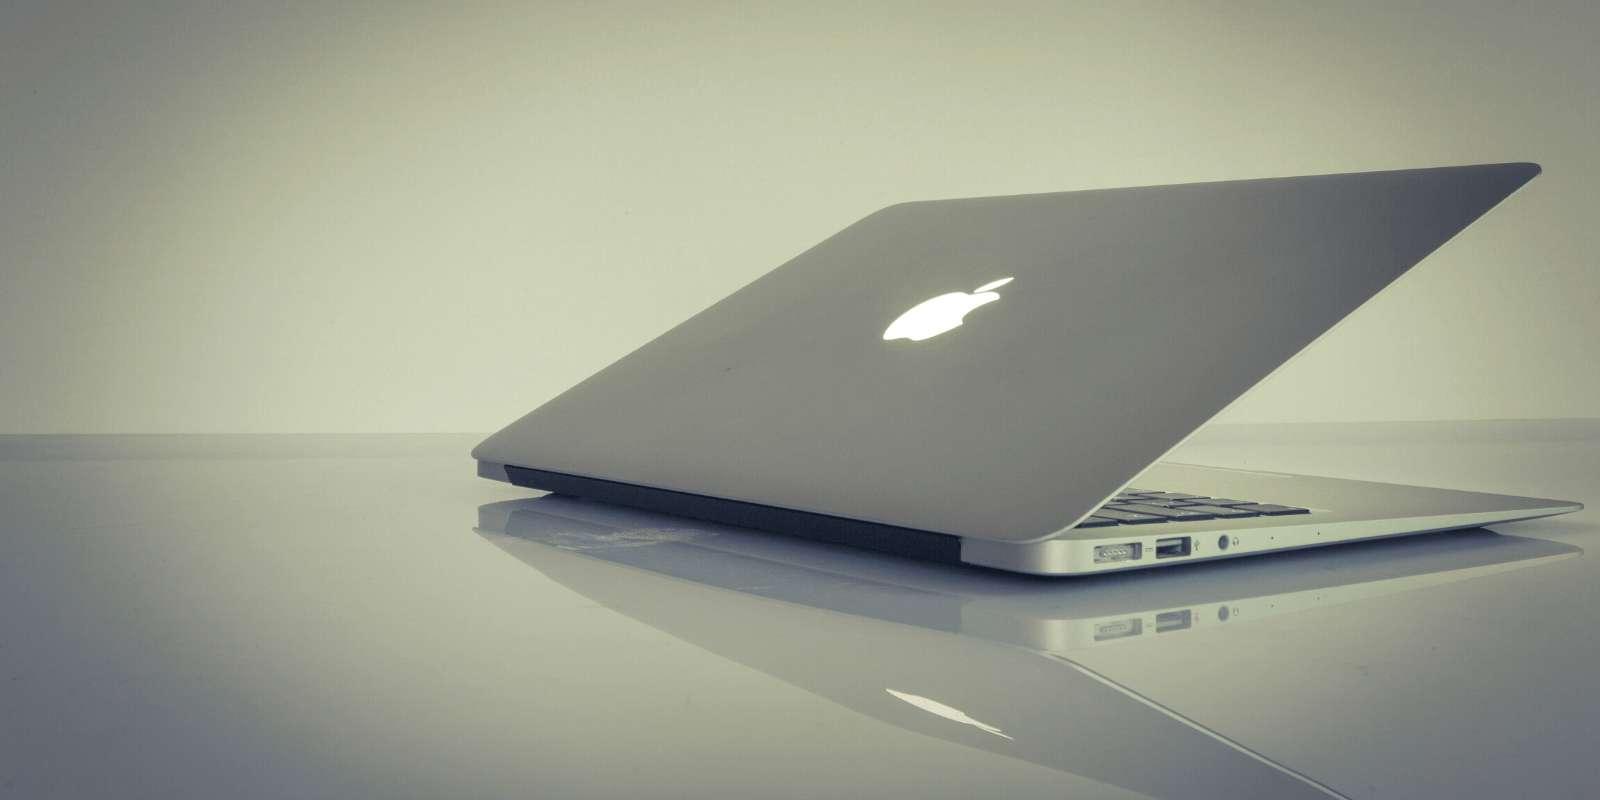 Bien plus abordable que le Macbook Pro, le modèle Air dispose cependant d'une autonomie et d'une qualité d'image plus faible. © Unsplash